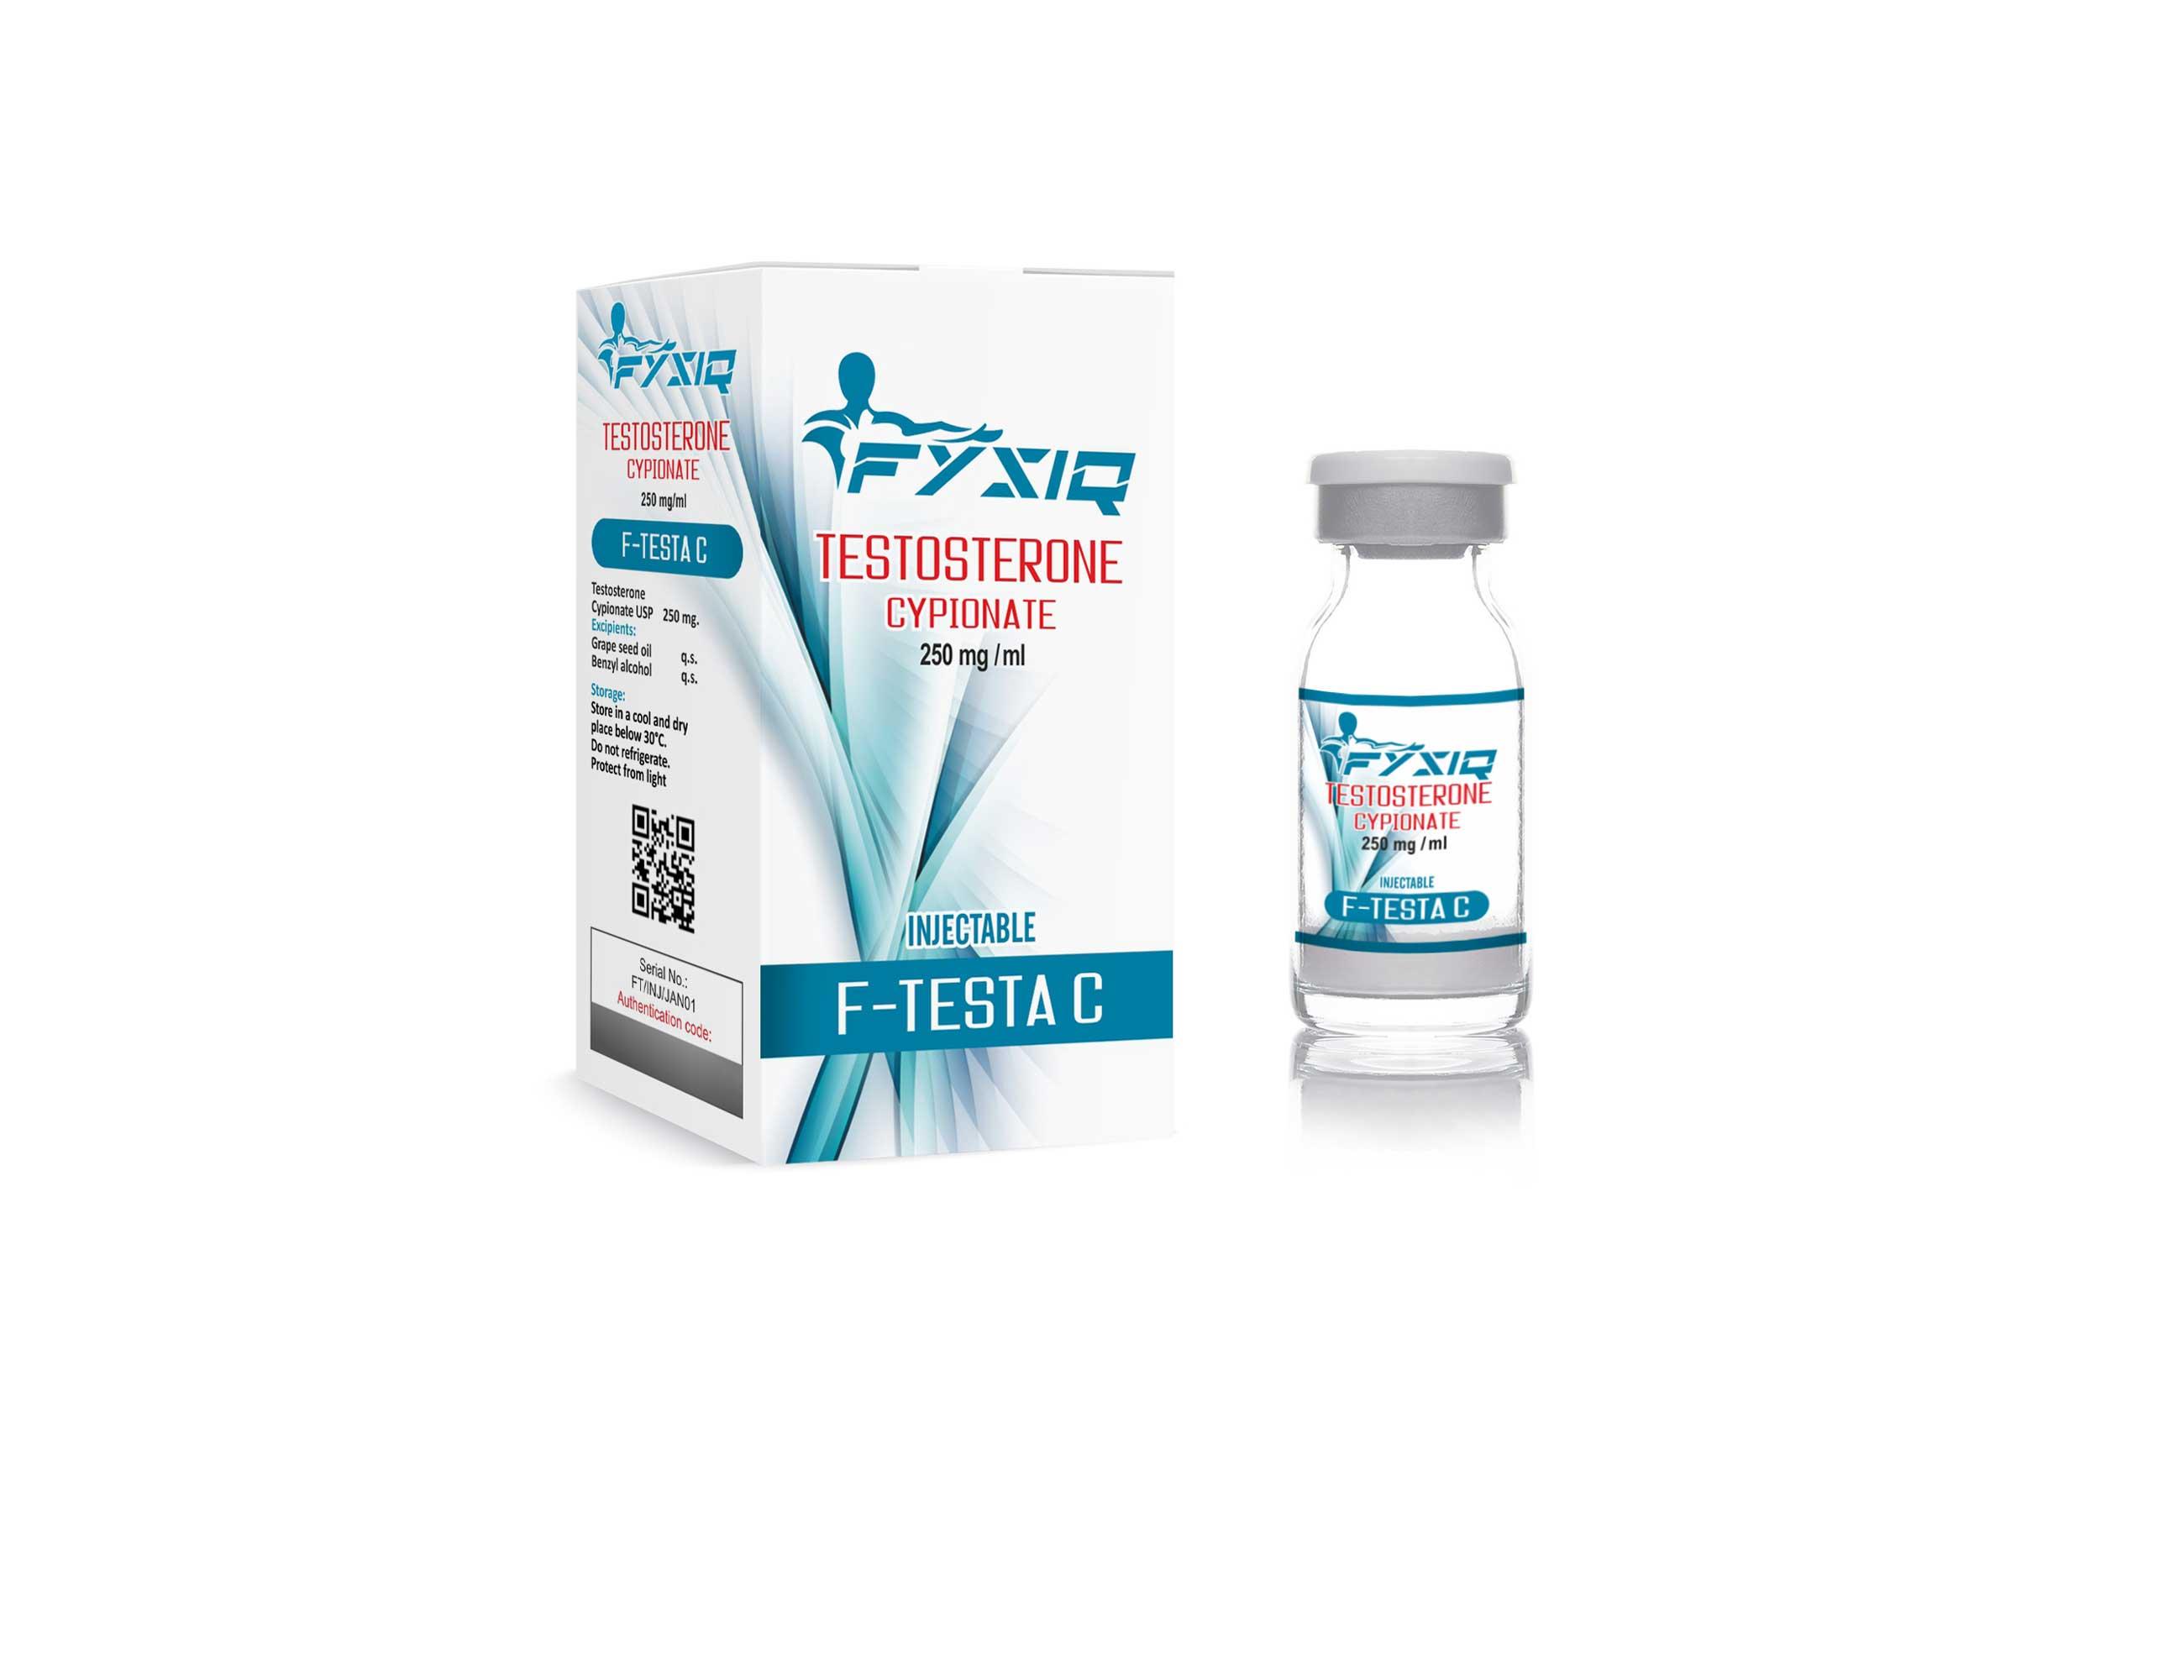 buy fysiqlab inc testosterone cypionate 250 mg per ml,buy fysiqlab inc testosterone cypionate 250 mg per ml online,buy f teata c online,buy fysiqlab.com products,f testa c